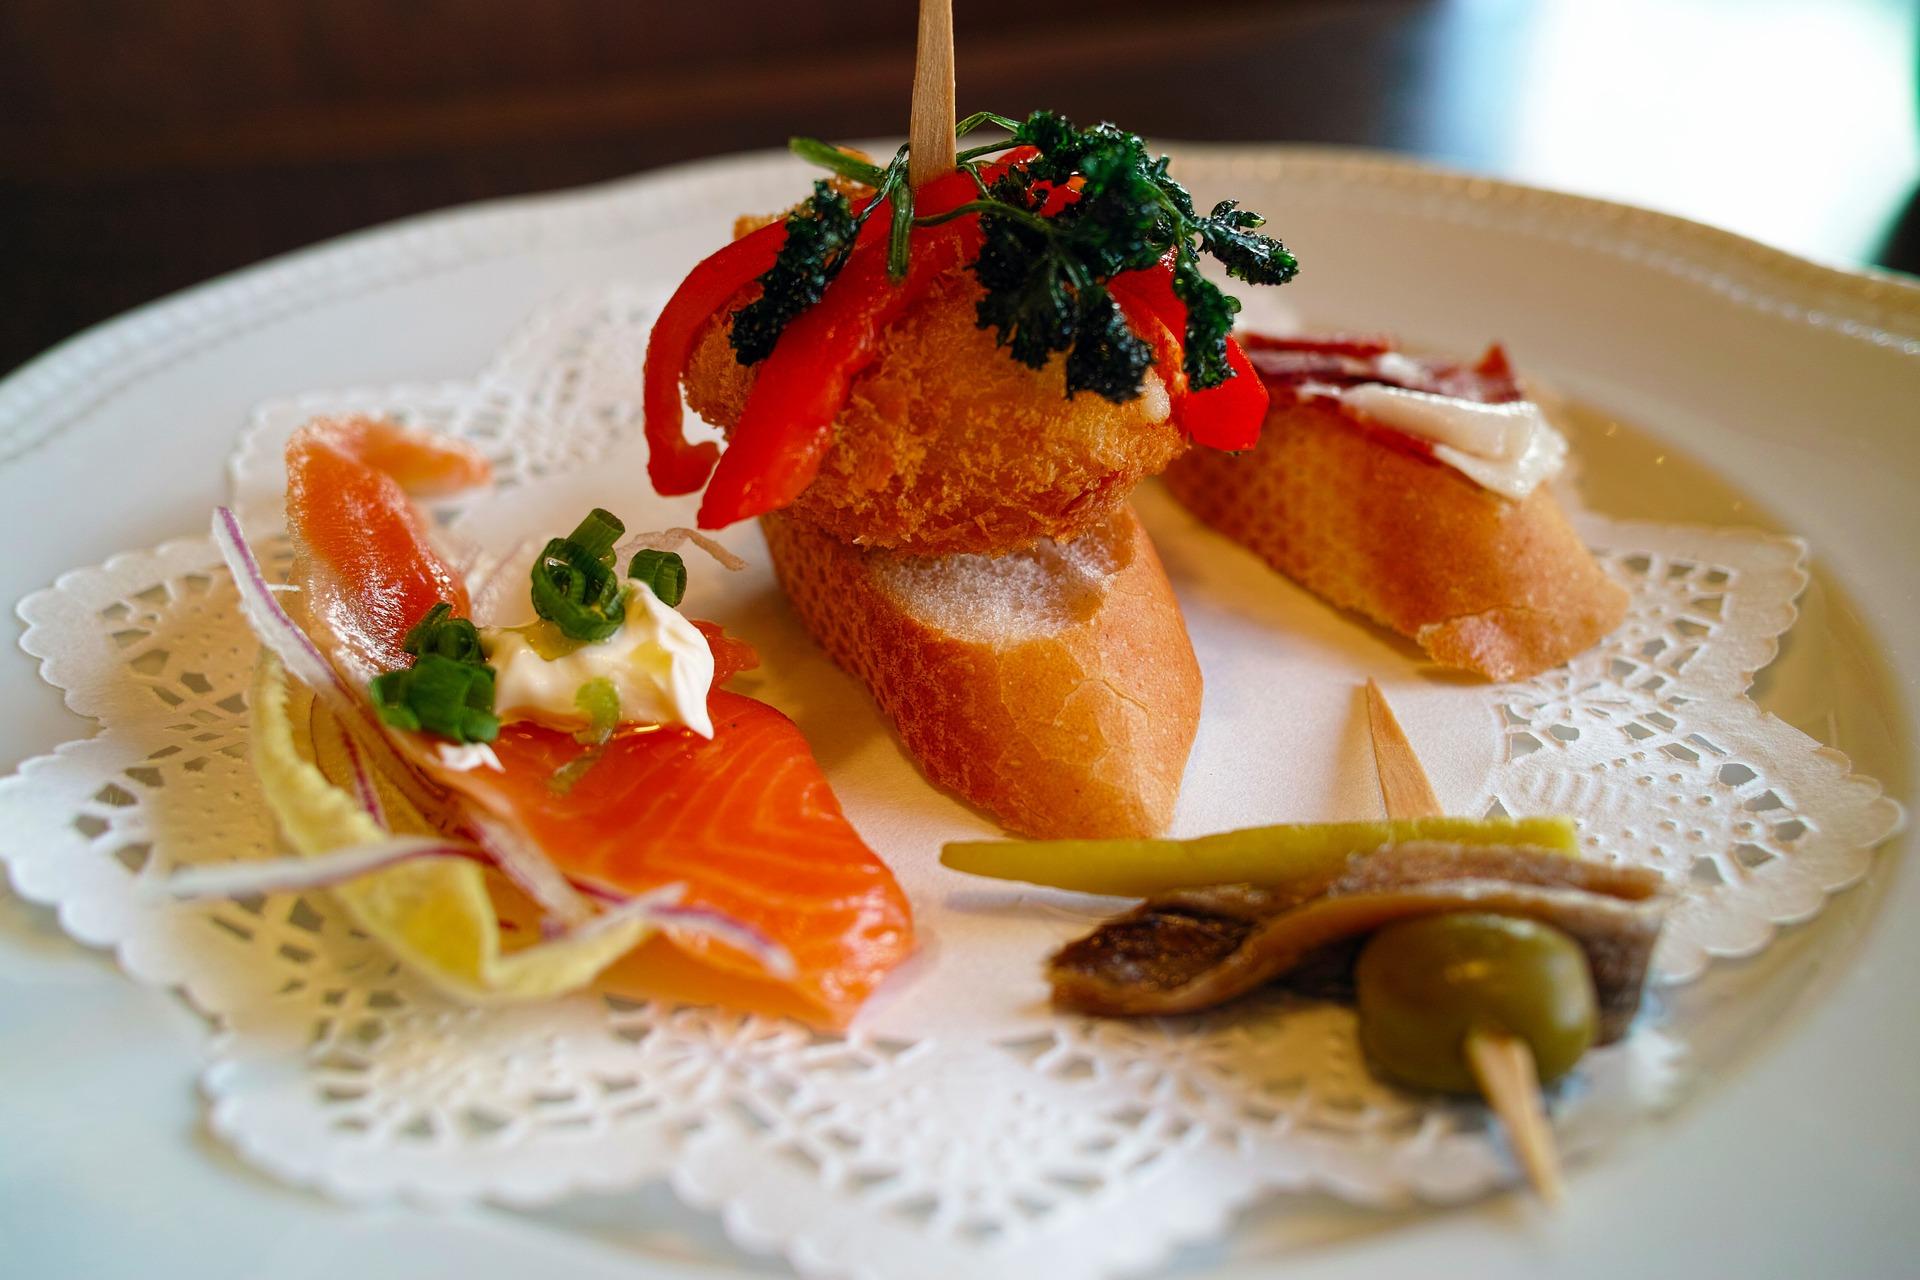 restaurant-1094268_1920.jpg